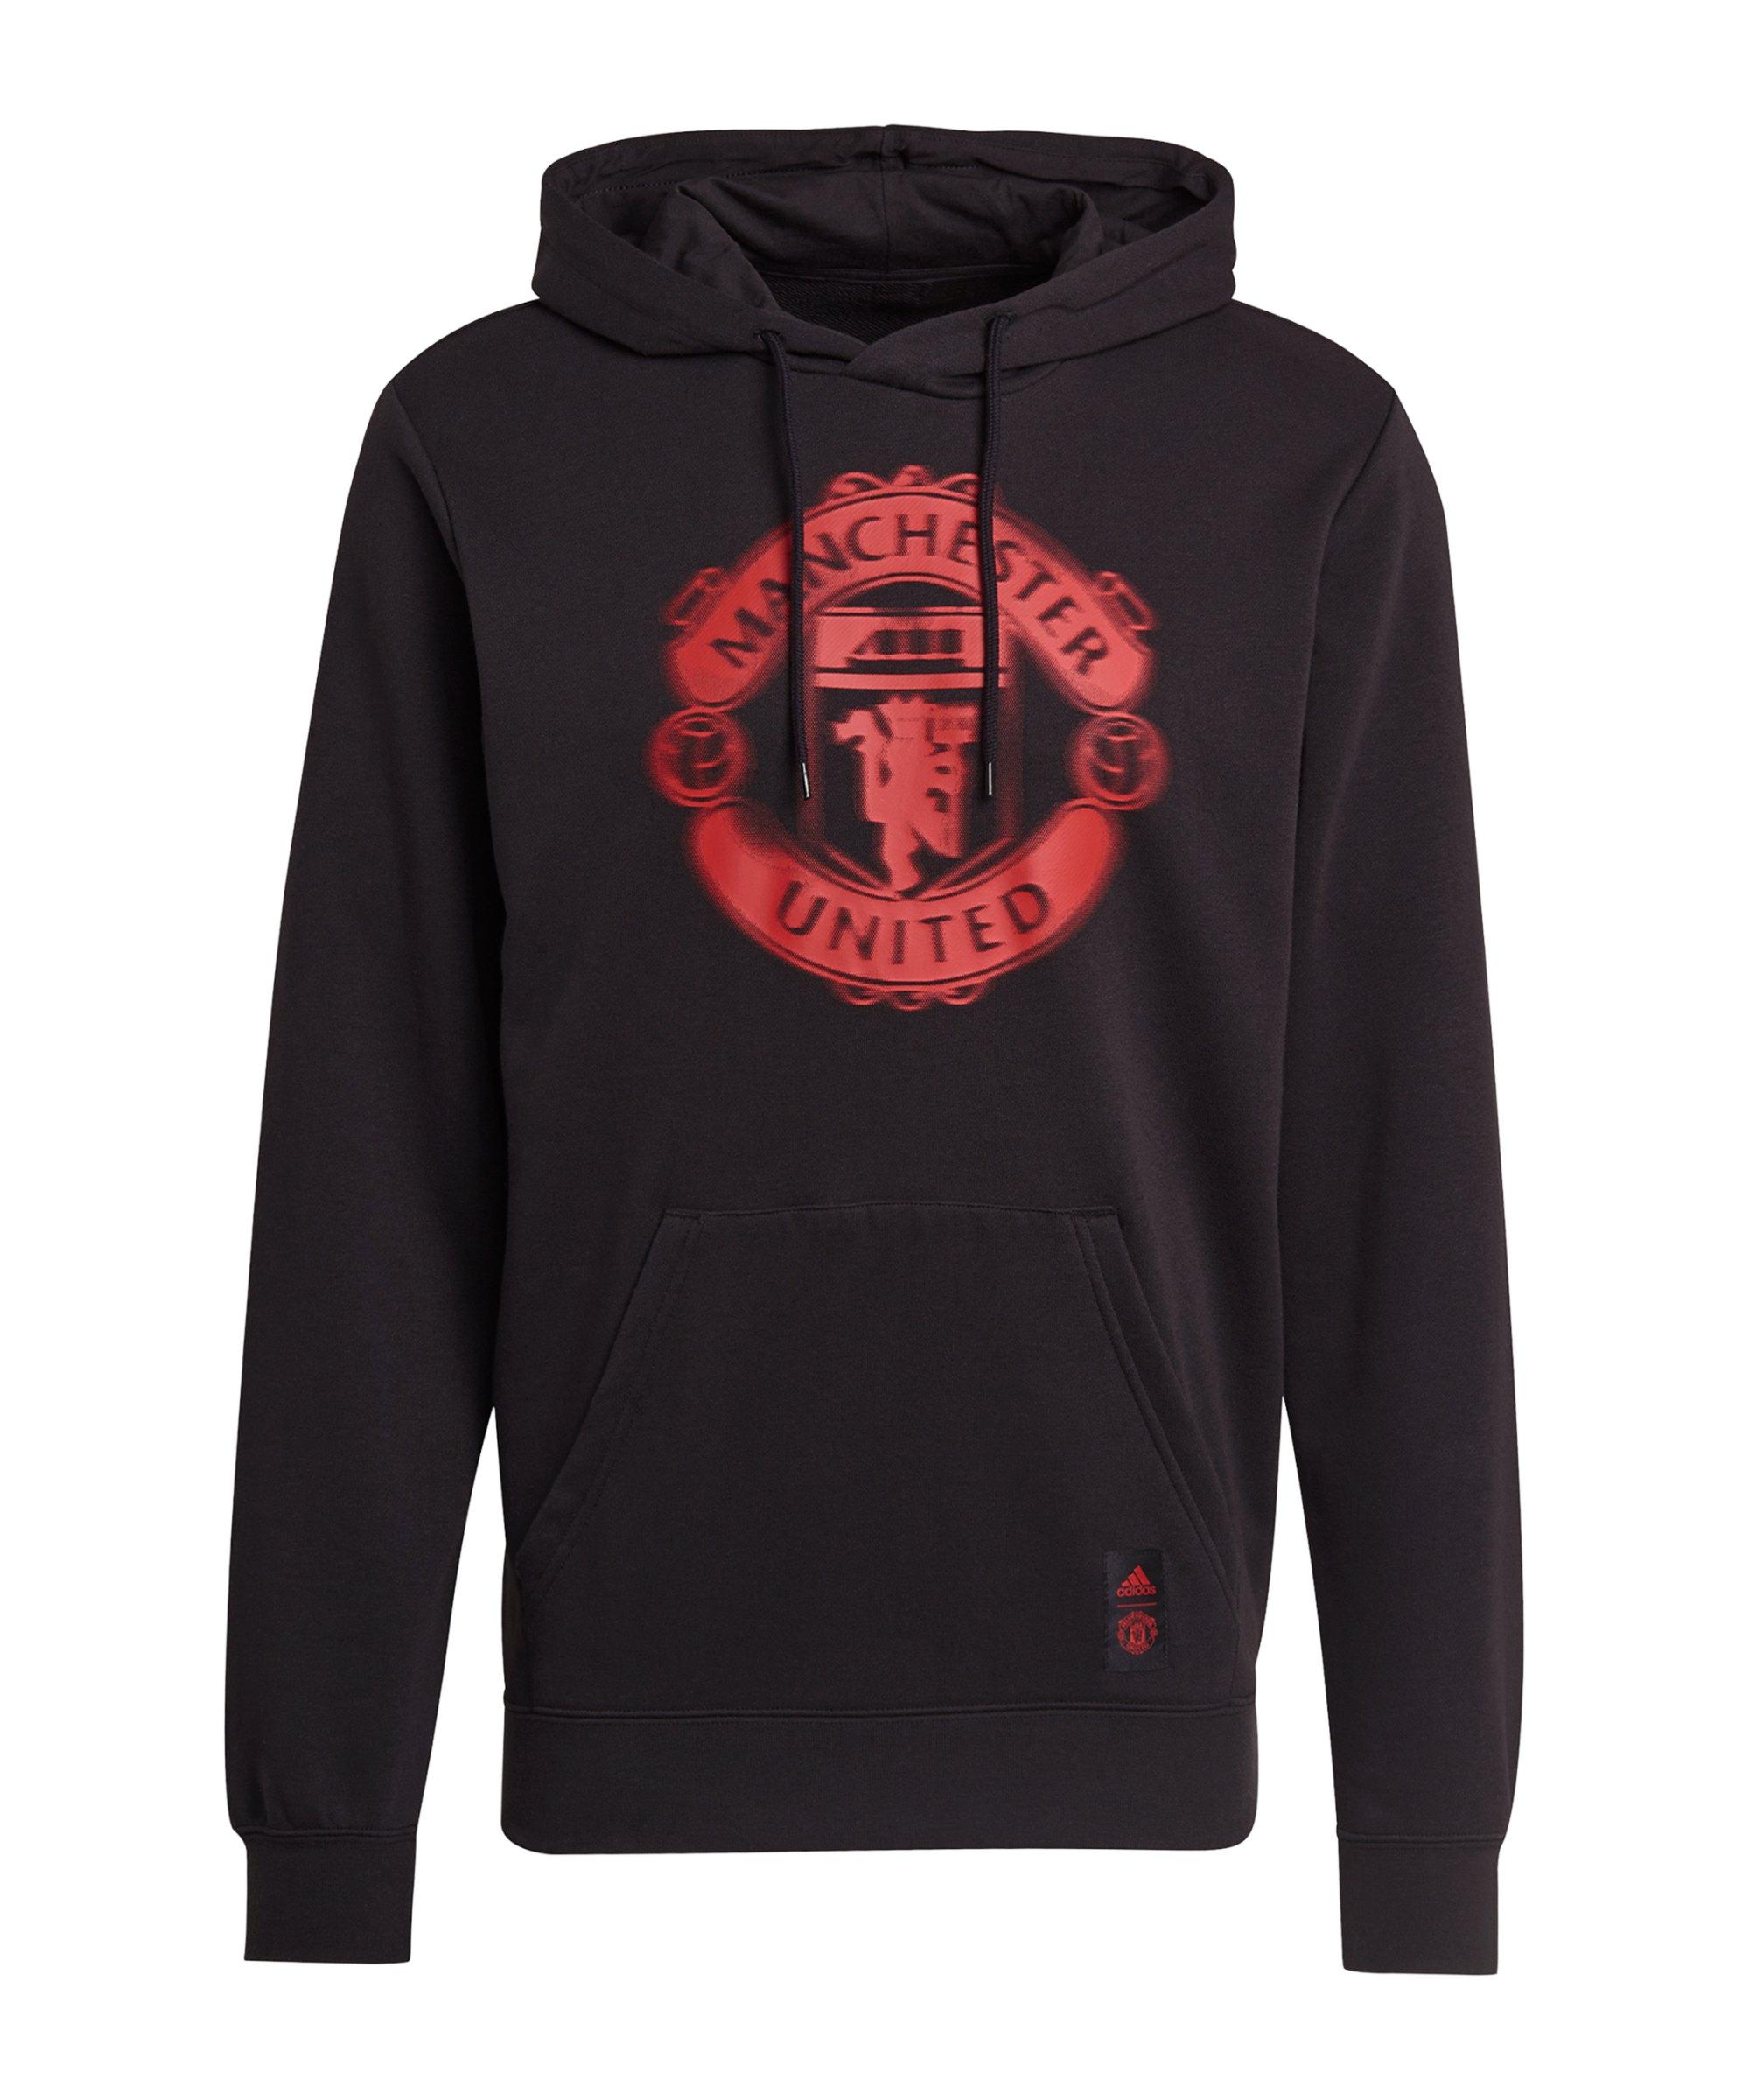 adidas Manchester United Hoody Schwarz - schwarz